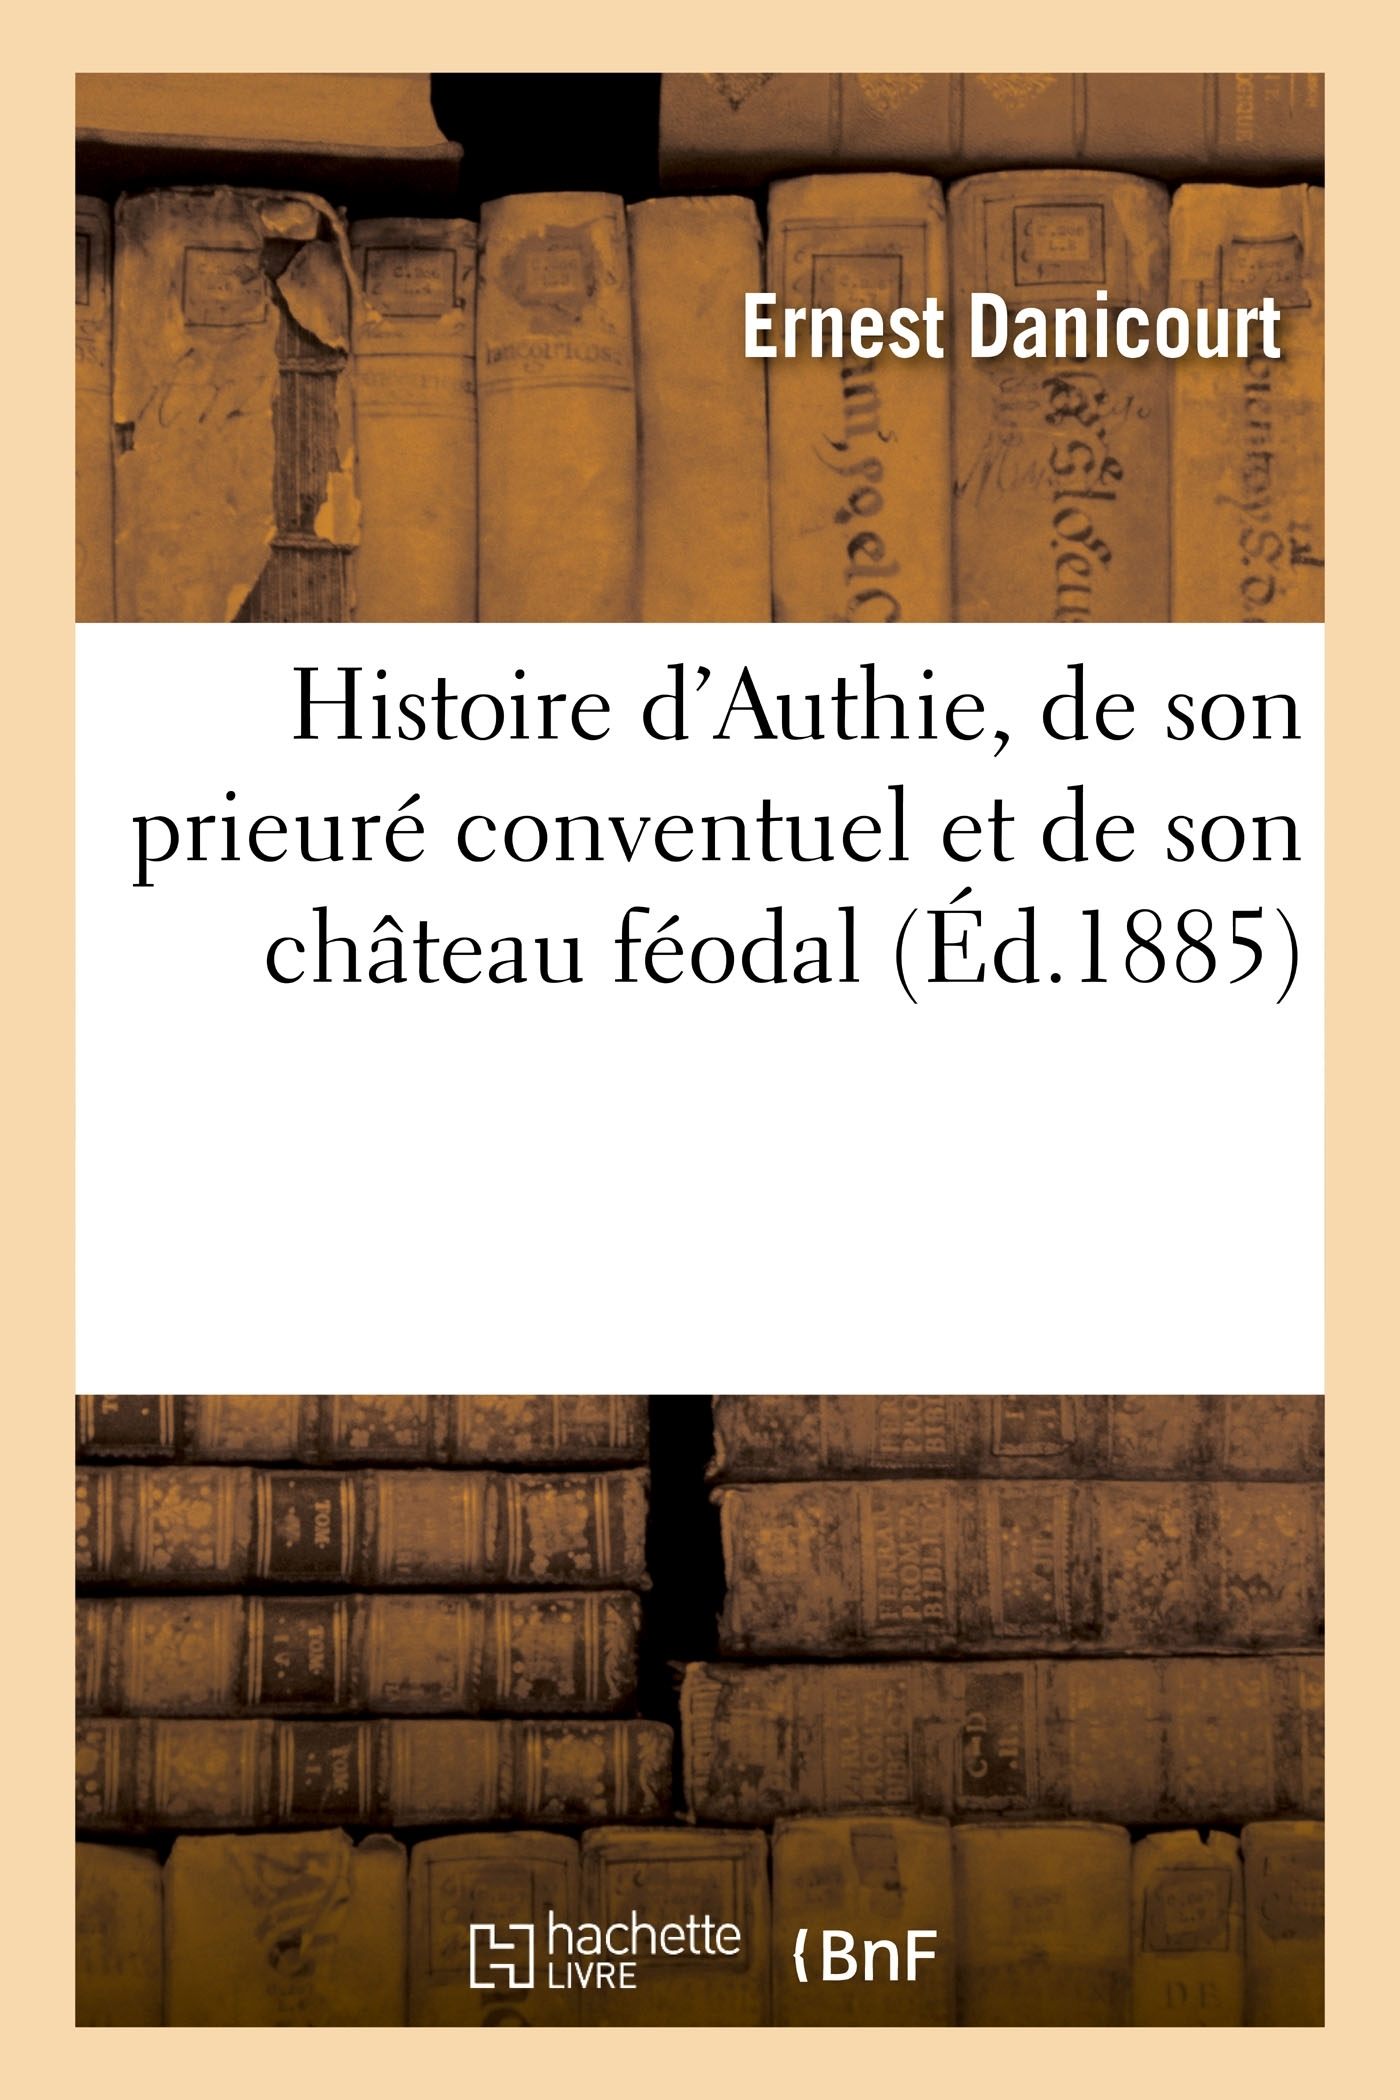 HISTOIRE D'AUTHIE, DE SON PRIEURE CONVENTUEL ET DE SON CHATEAU FEODAL - SUIVIE D'UNE NOTICE SUR SAIN